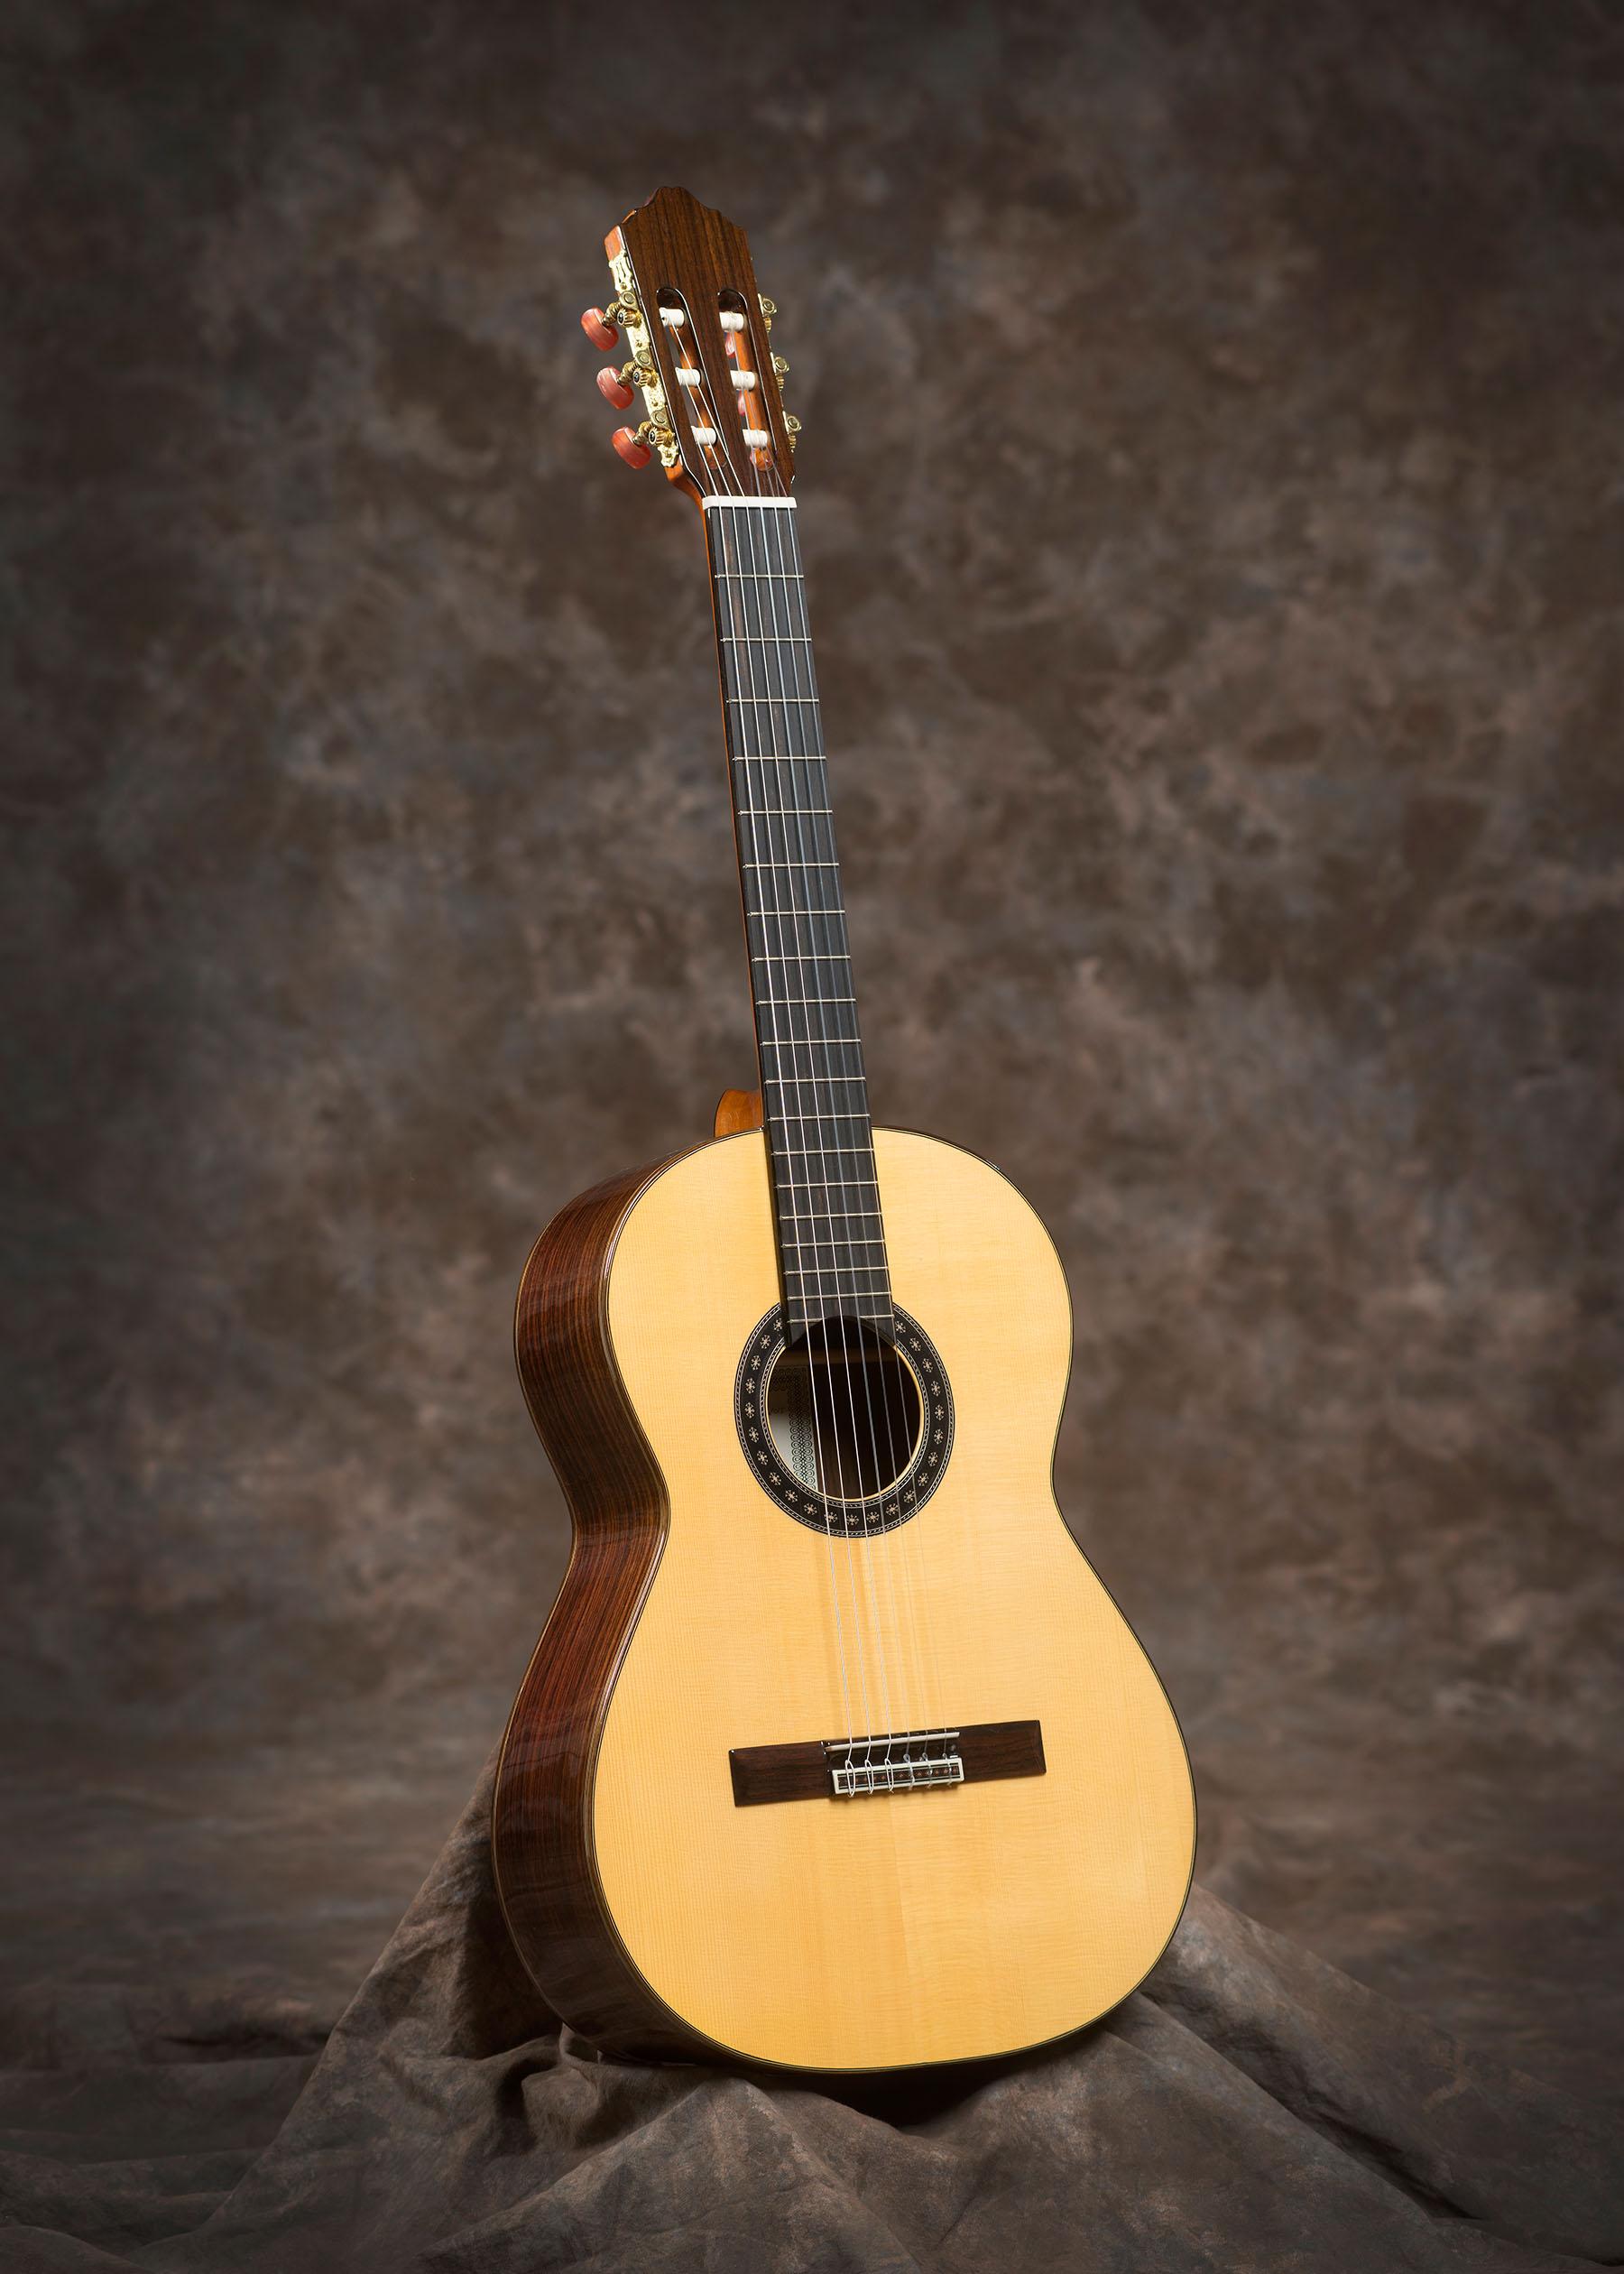 De getoonde gitaar heeft een fichte bovenblad